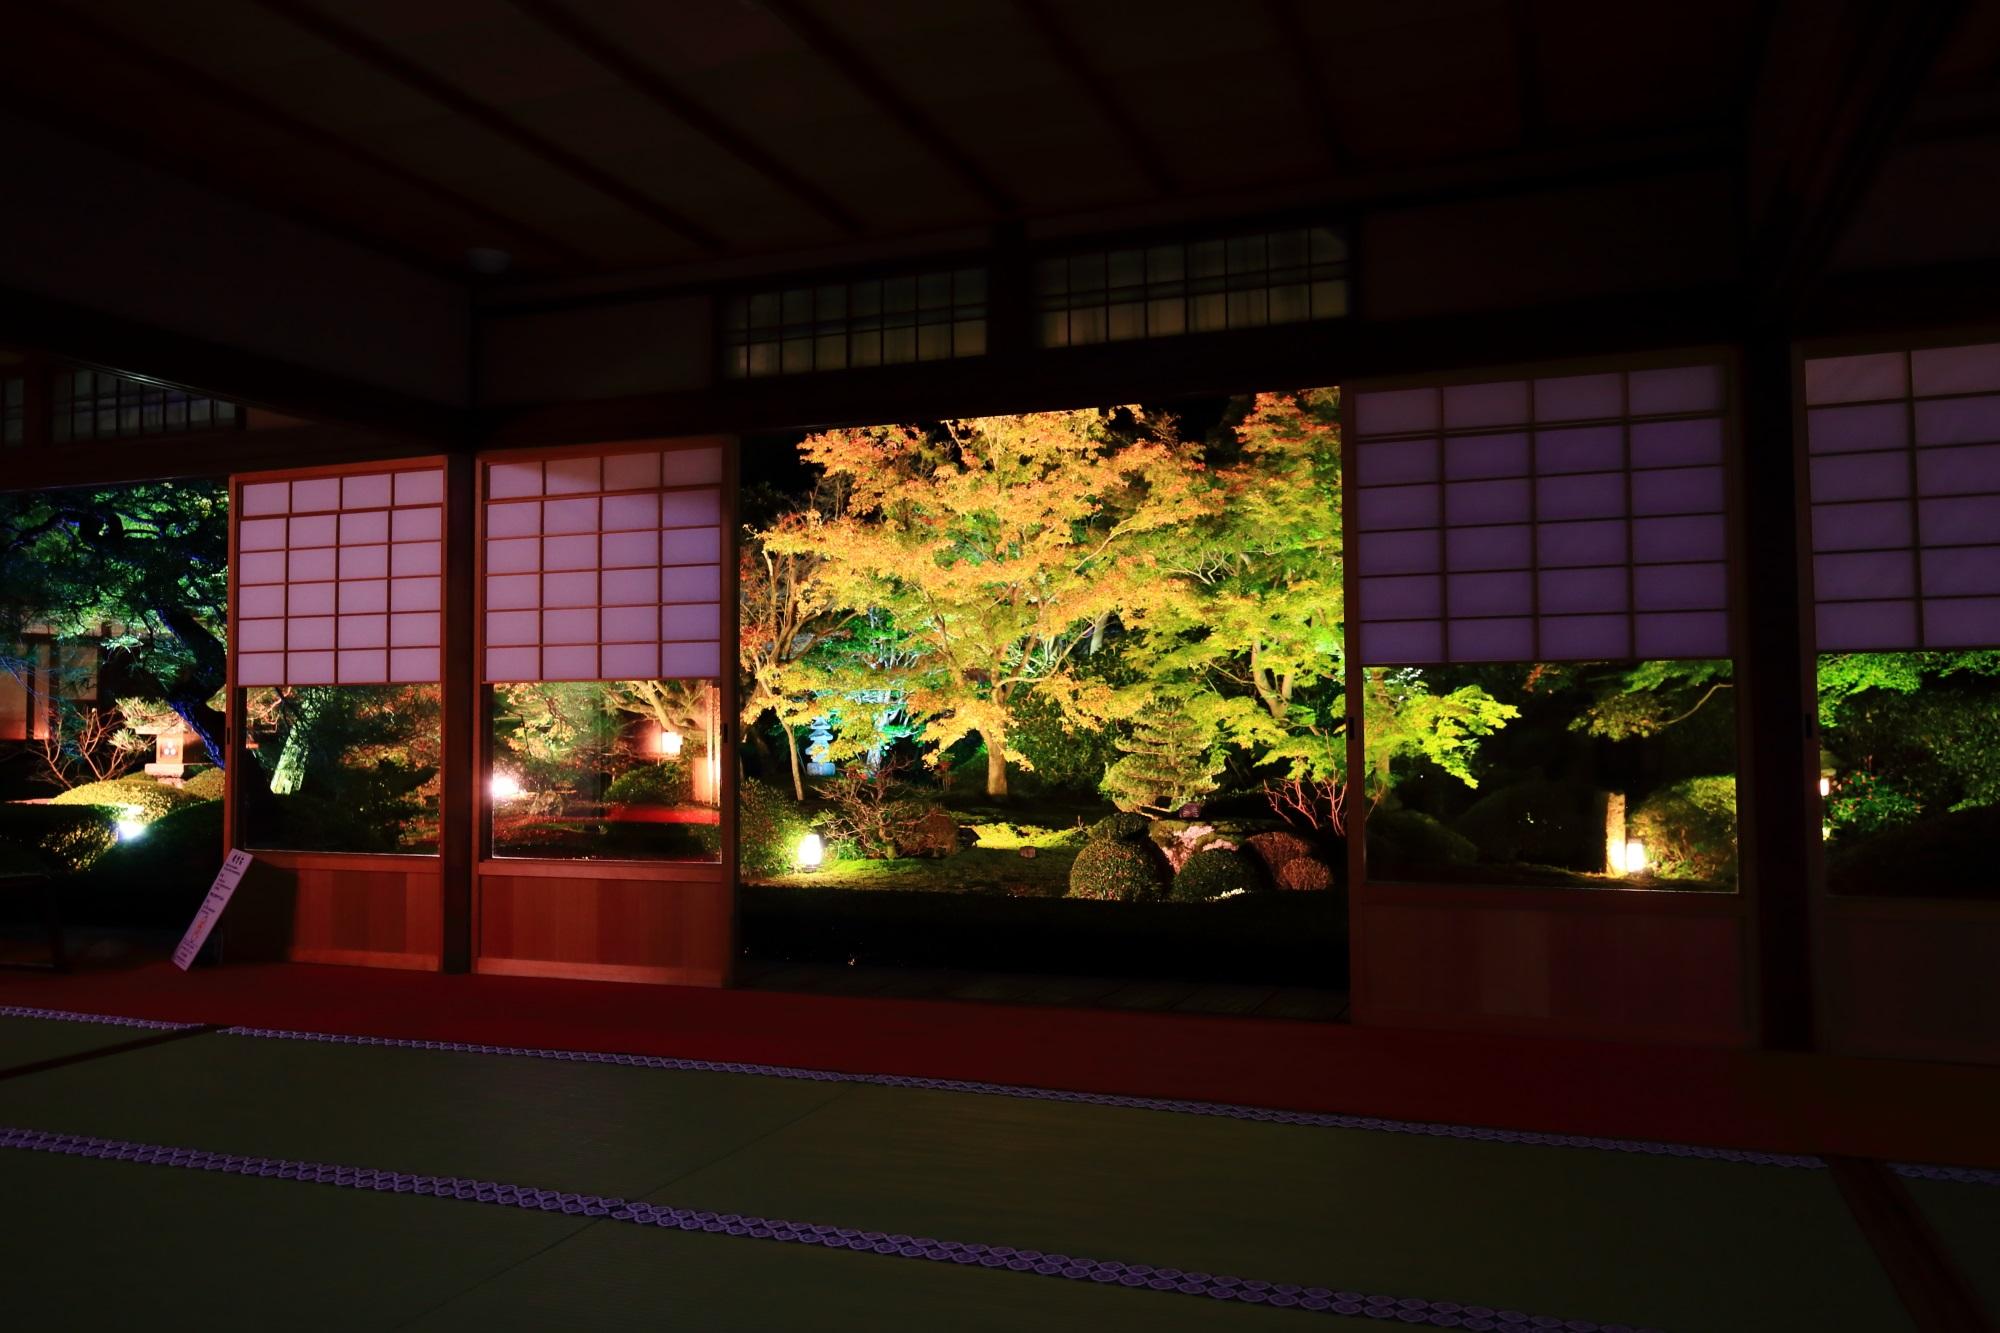 泉涌寺別院の雲龍院の茶室から眺めた紅葉ライトアップ